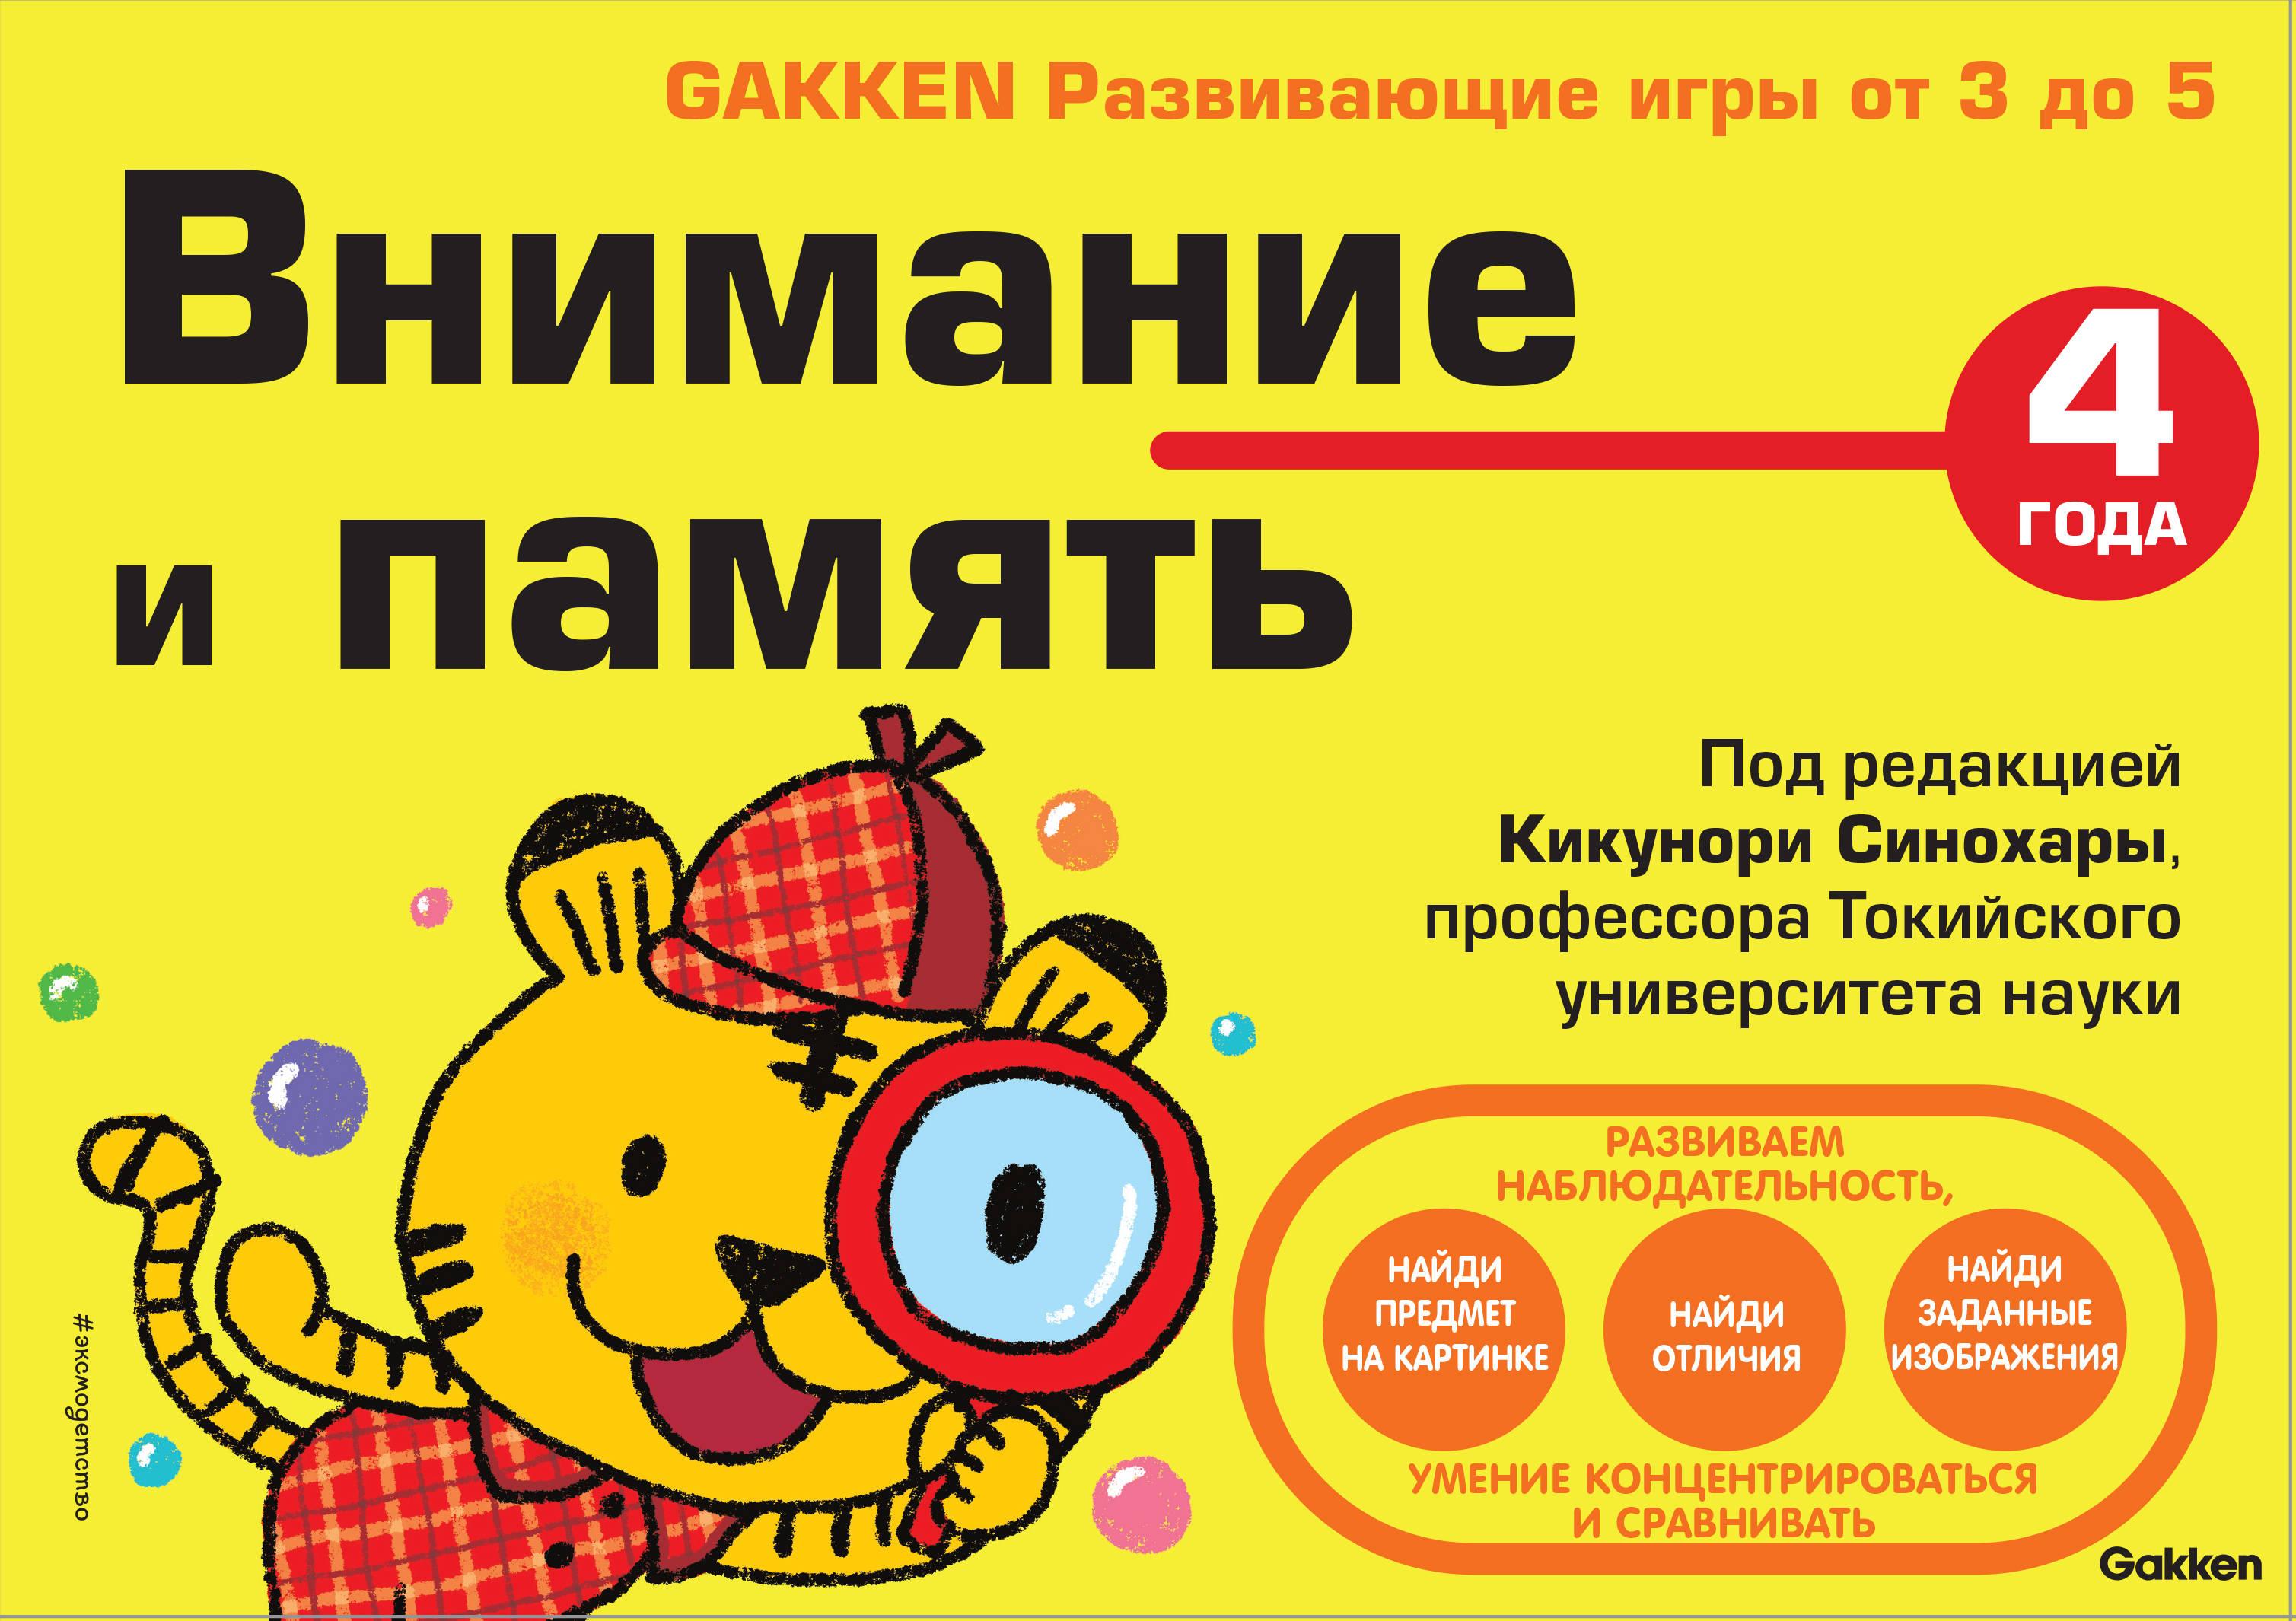 Внимание и память. Развивающие игры для детей от 3 до 5 лет